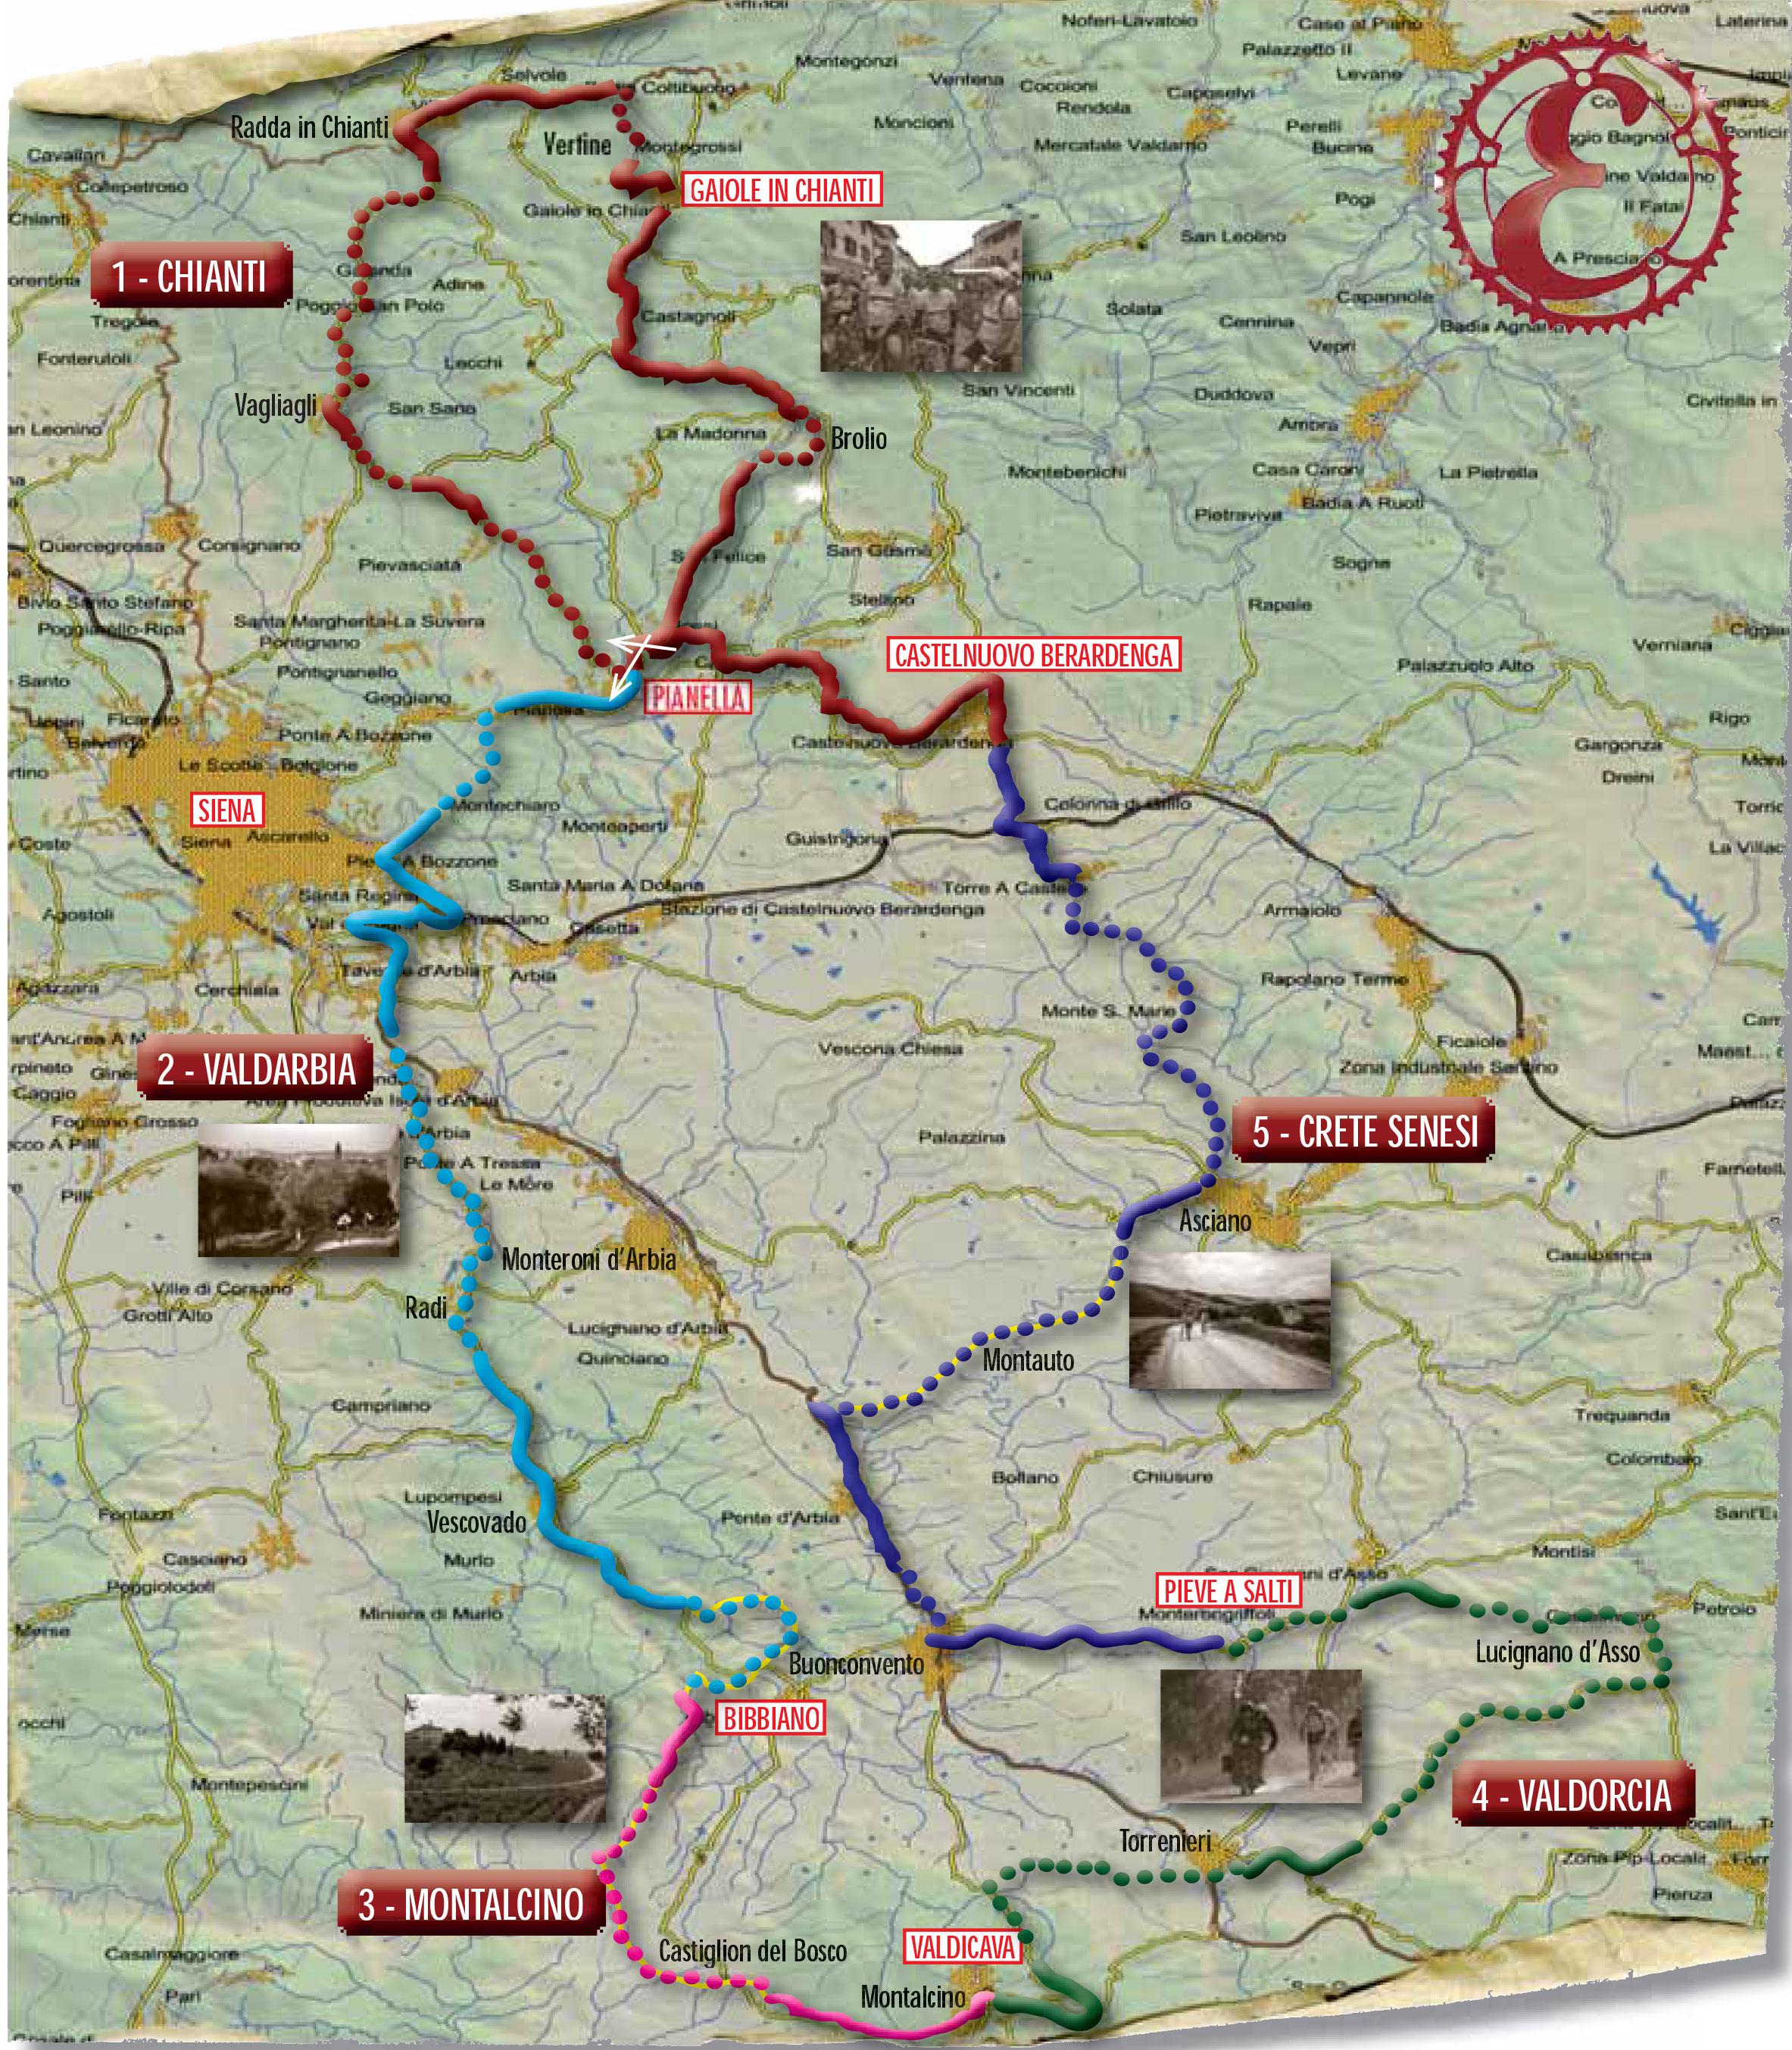 Map parcours Eroica